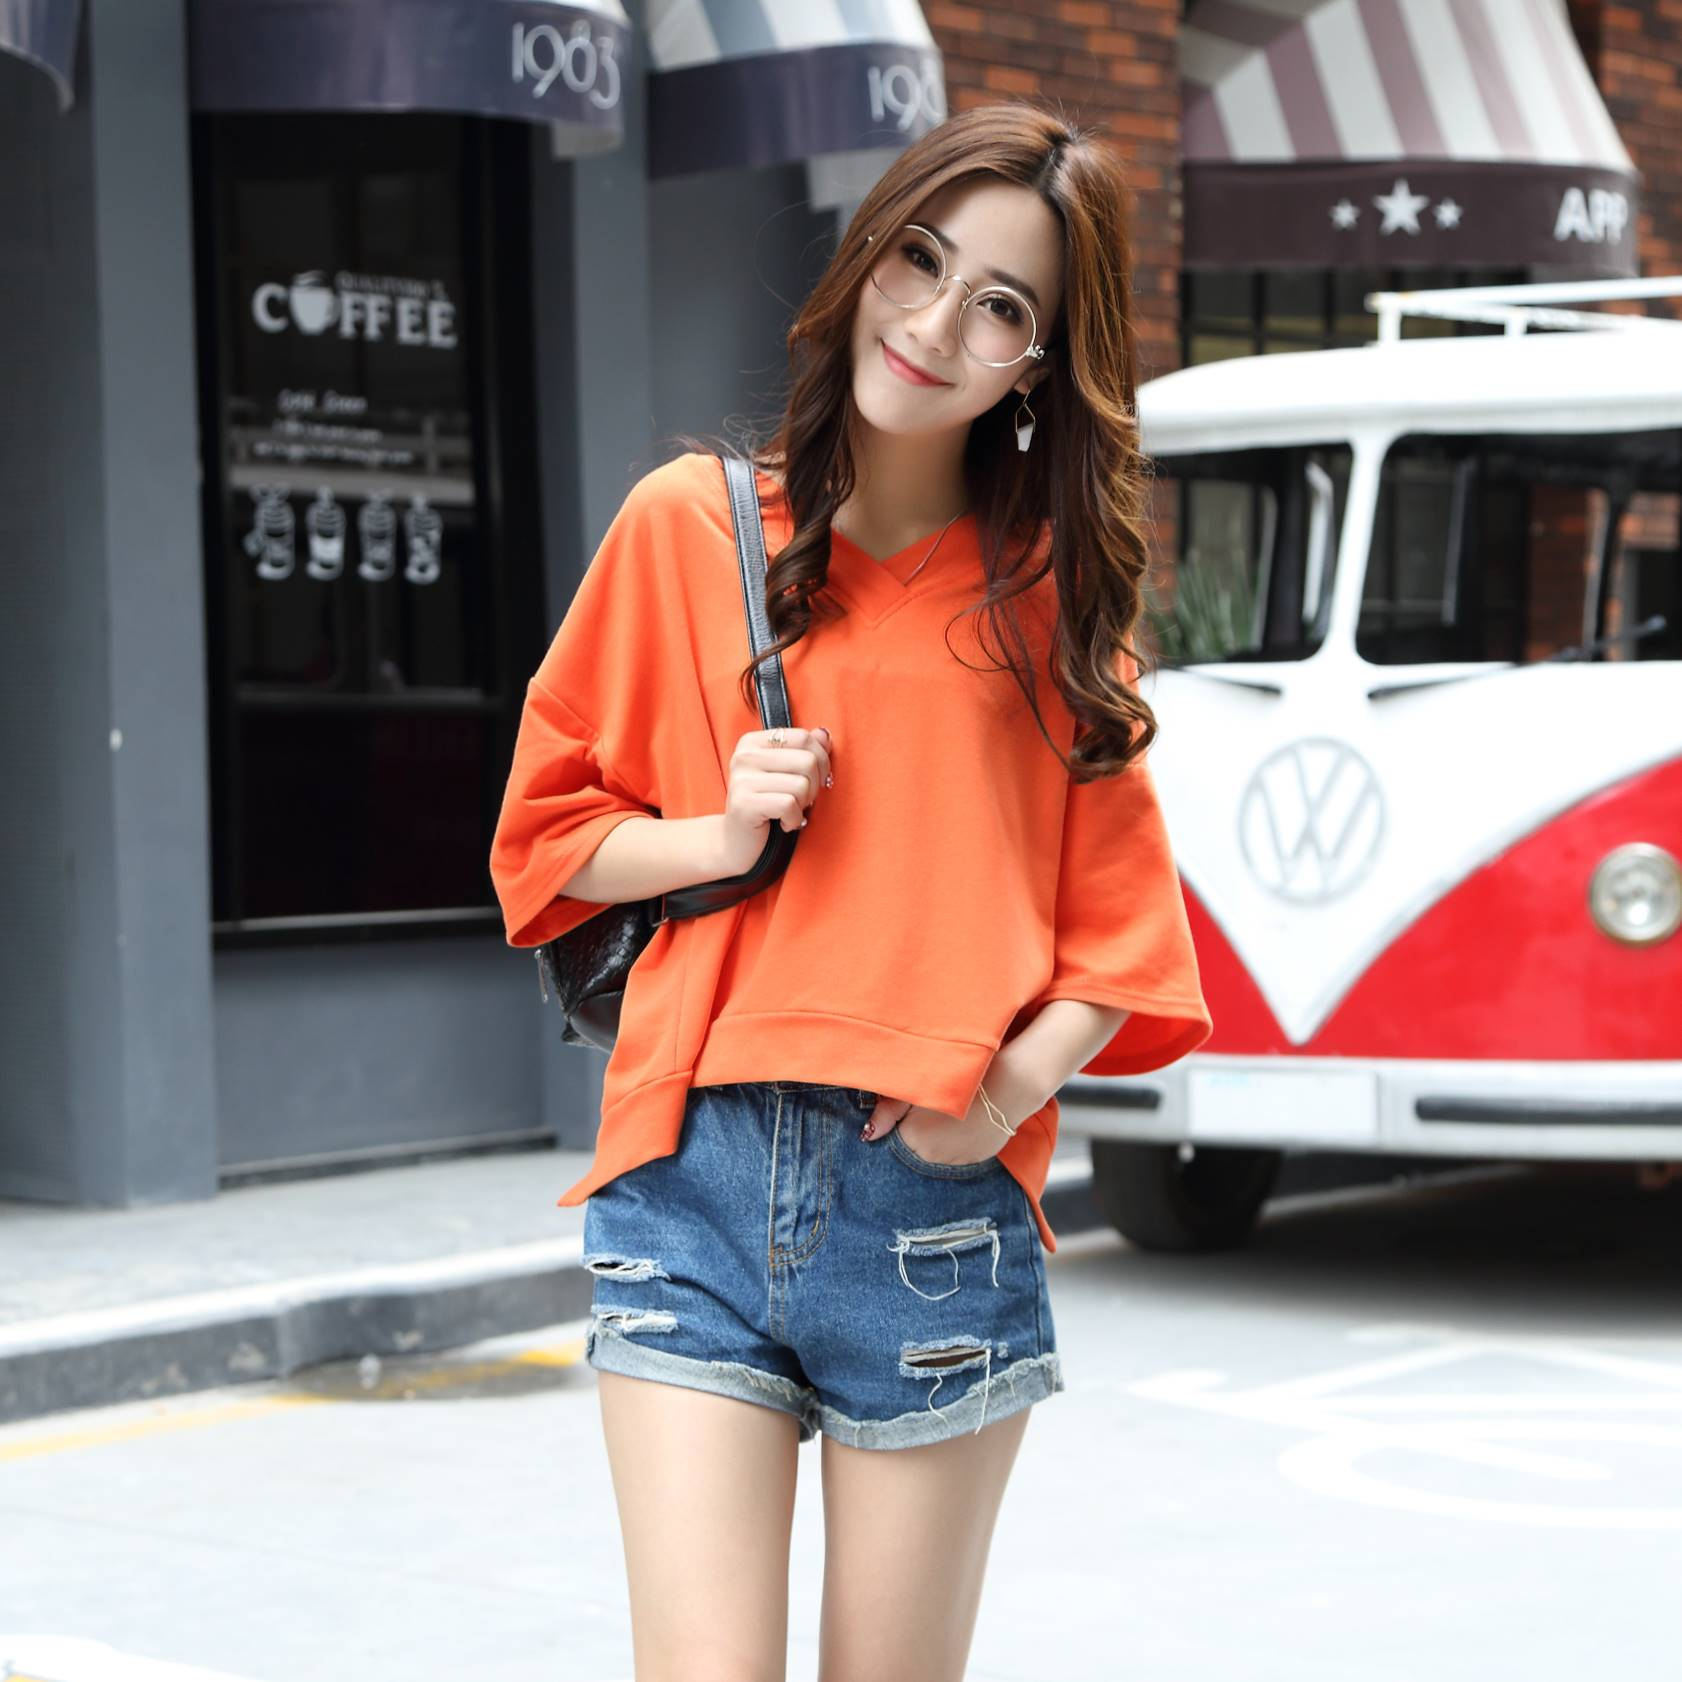 เสื้อแฟชั่น คอกลม แขนสั้น เปิดหลัง sexy สีส้ม